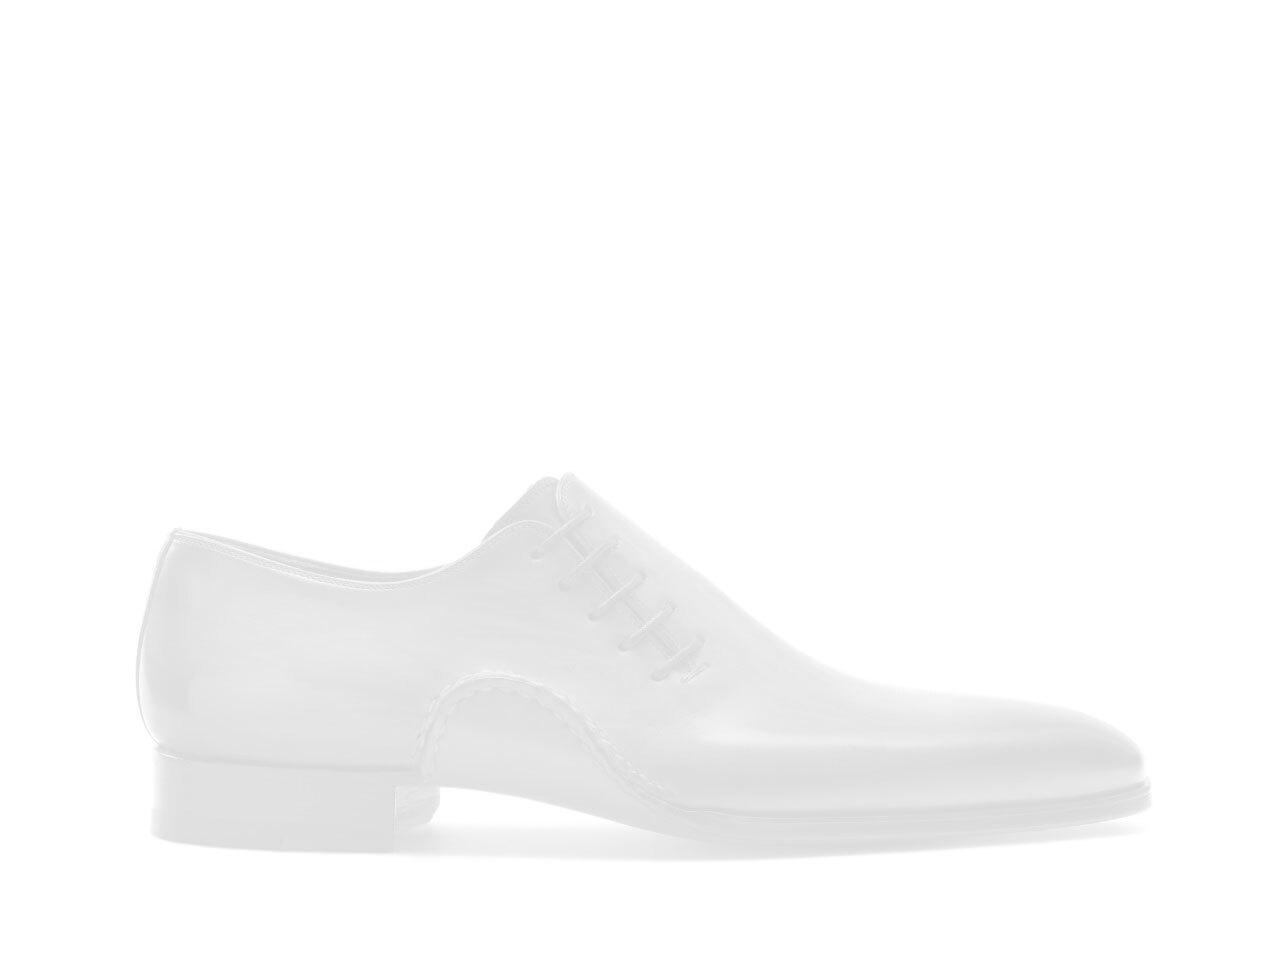 Pair of the Magnanni Jeffery Cognac Men's Double Monk Strap Shoes